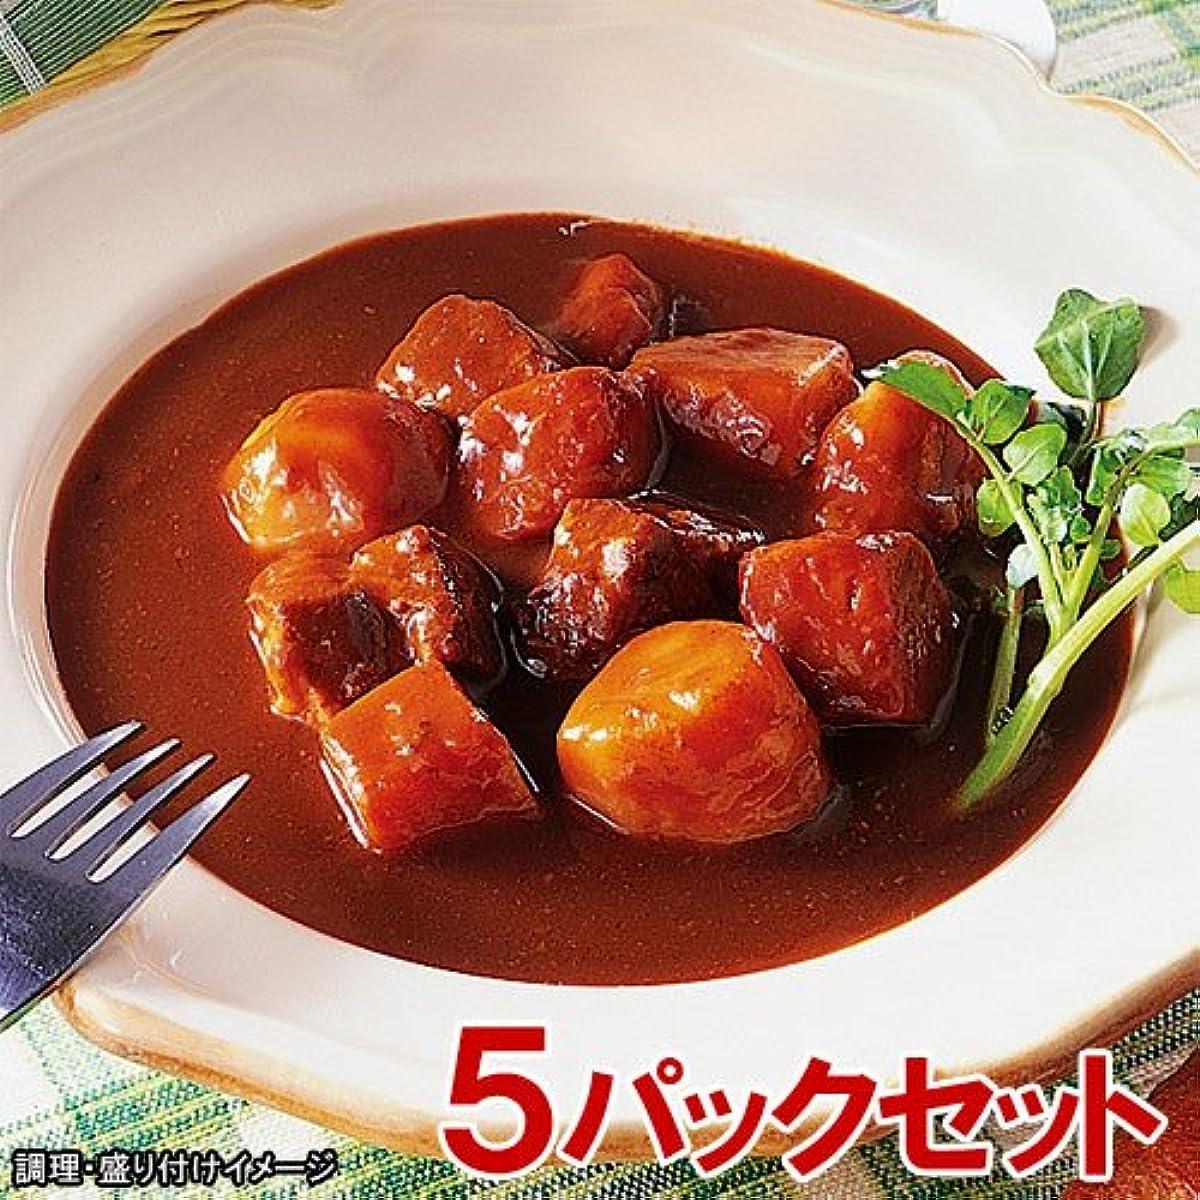 姉妹集中的な砂漠MCC 業務用 ビーフシチュー 5食セット(300g×5パック)(エムシーシー食品)【レトルト食品】